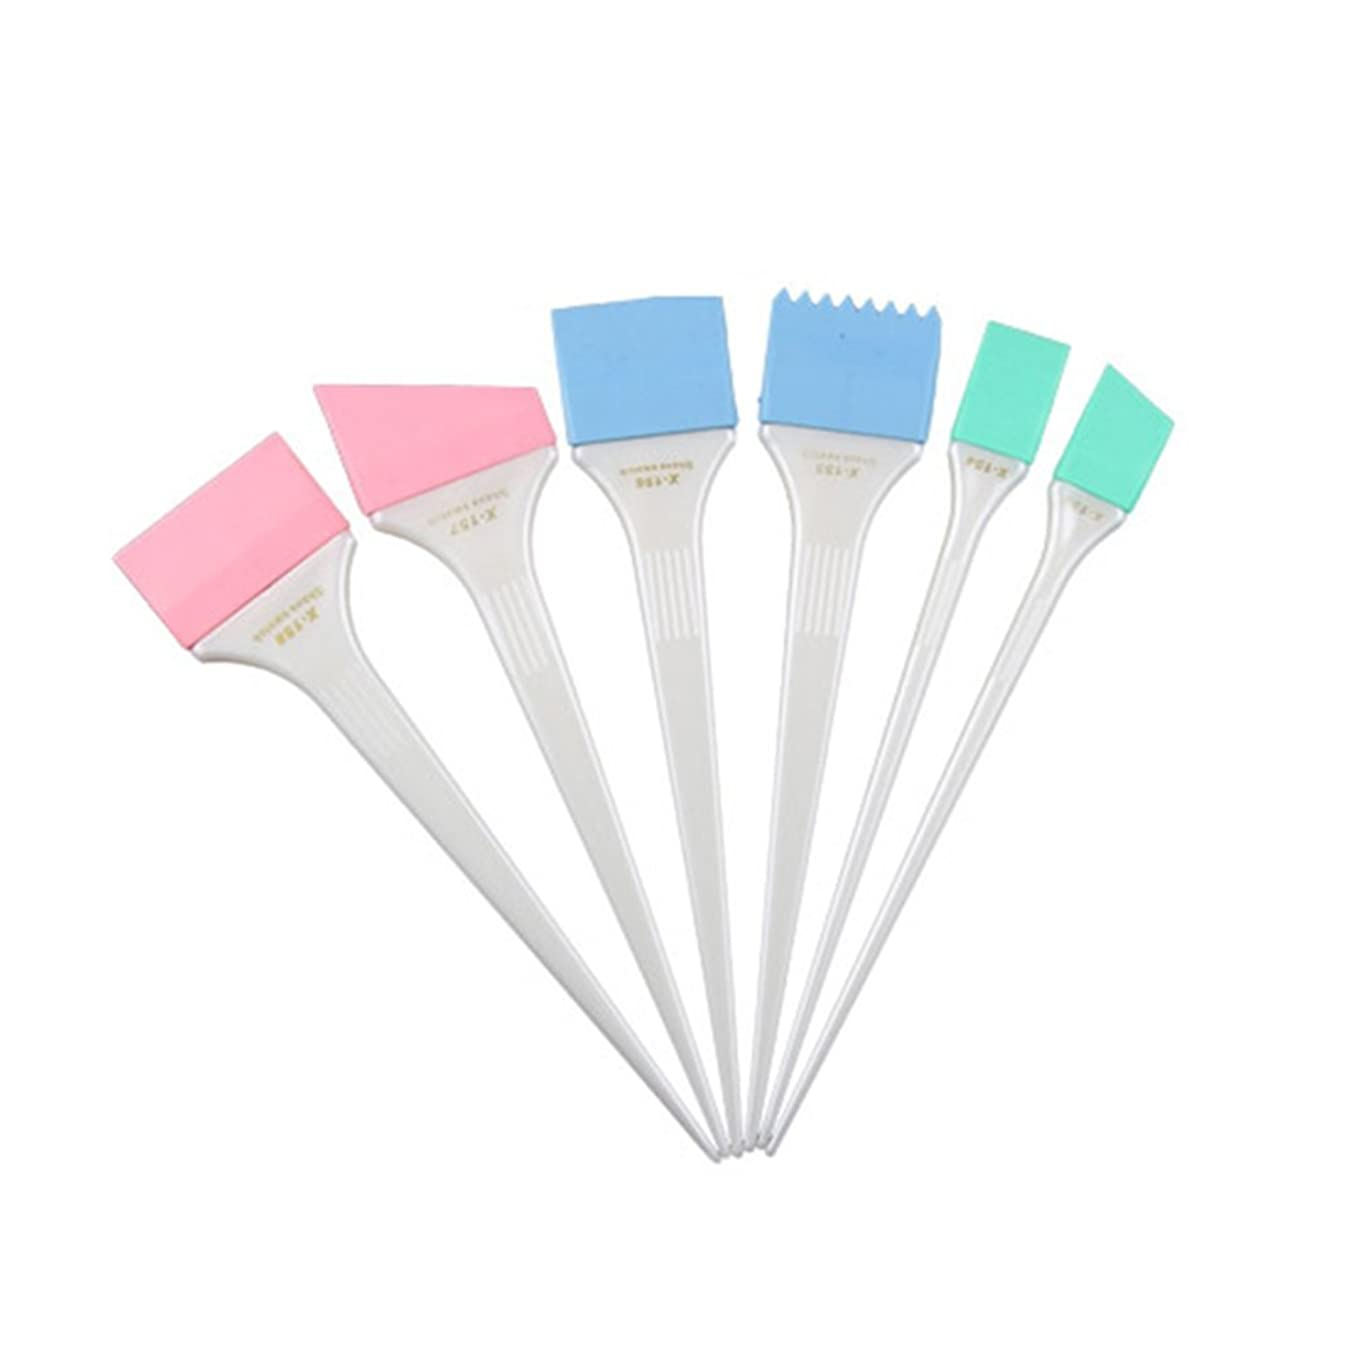 ギャング砂利子供達WINOMO ハイライトコーム ヘアダイブラシ 染色コーム ヘアカラーブラシツール サロン 染色 ヘアカラー シリコーン ヘアミキシングセット 6個セット(ホワイト)